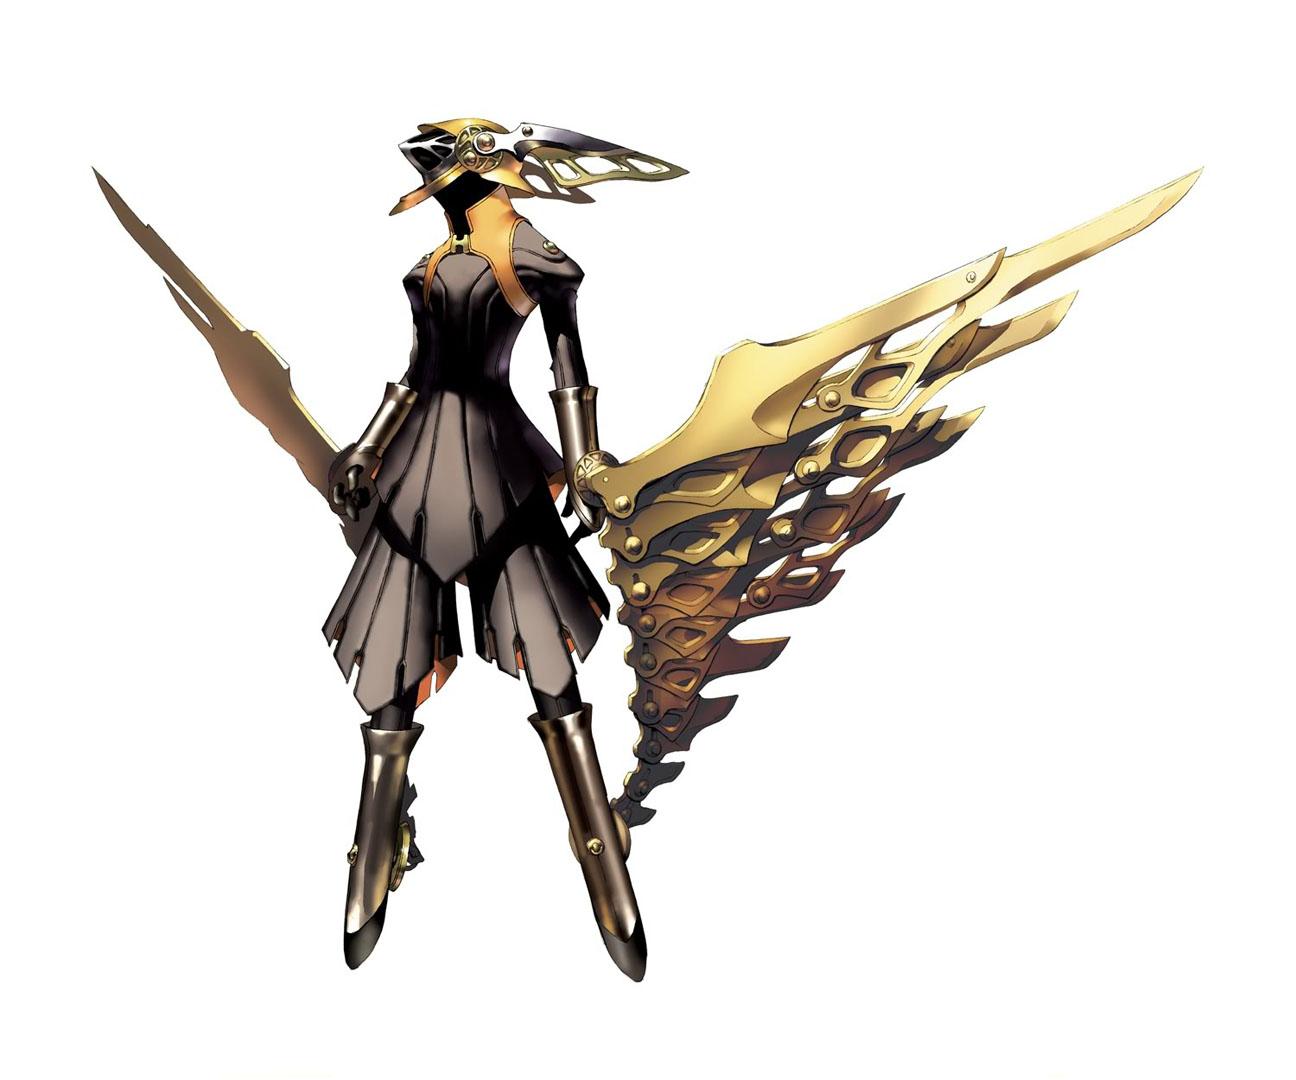 Thanatos The God Of Death